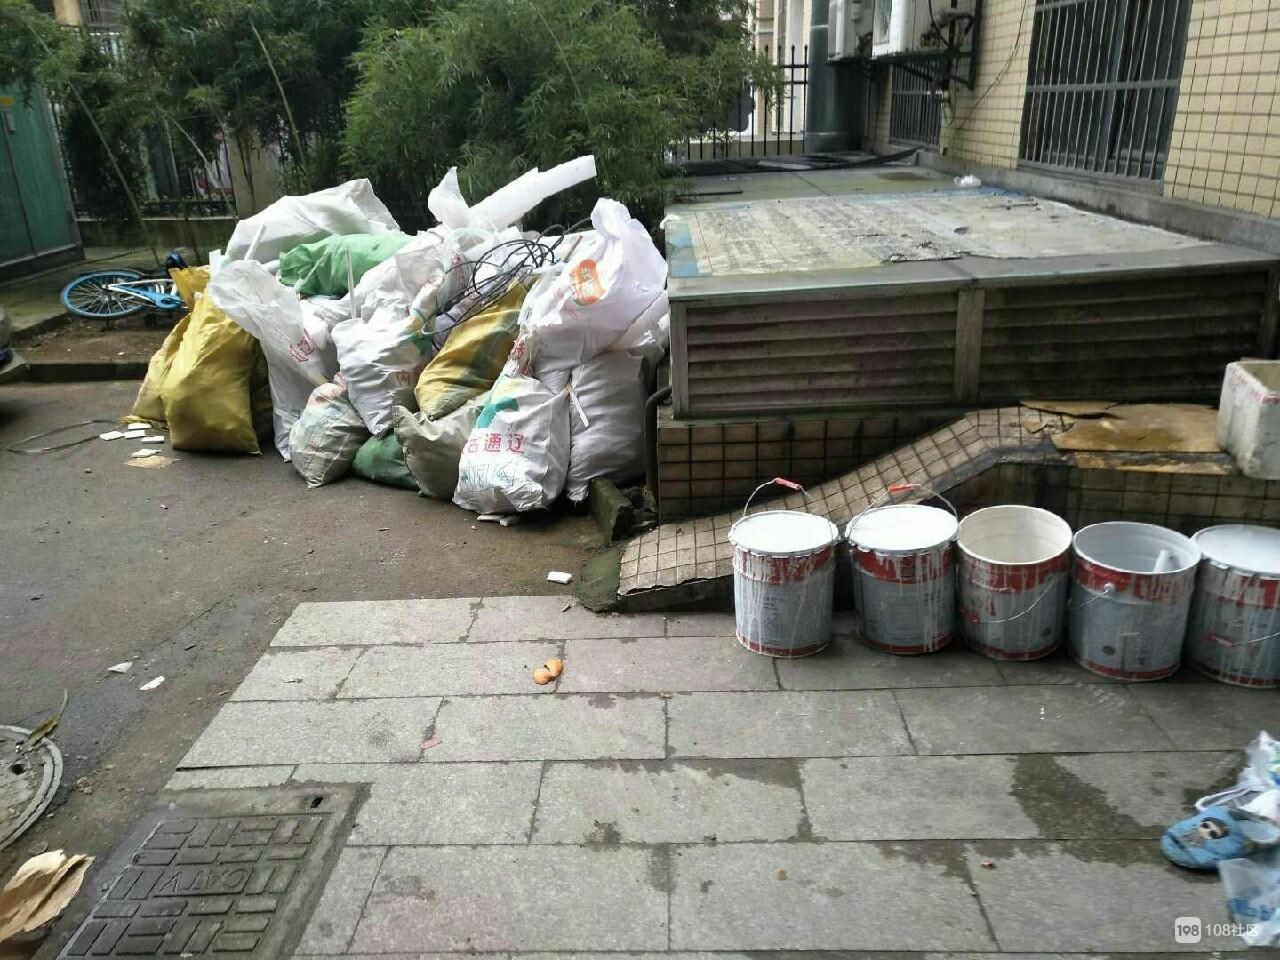 虽然住在小区里,但每天都像住在垃圾场,没人管理吗?